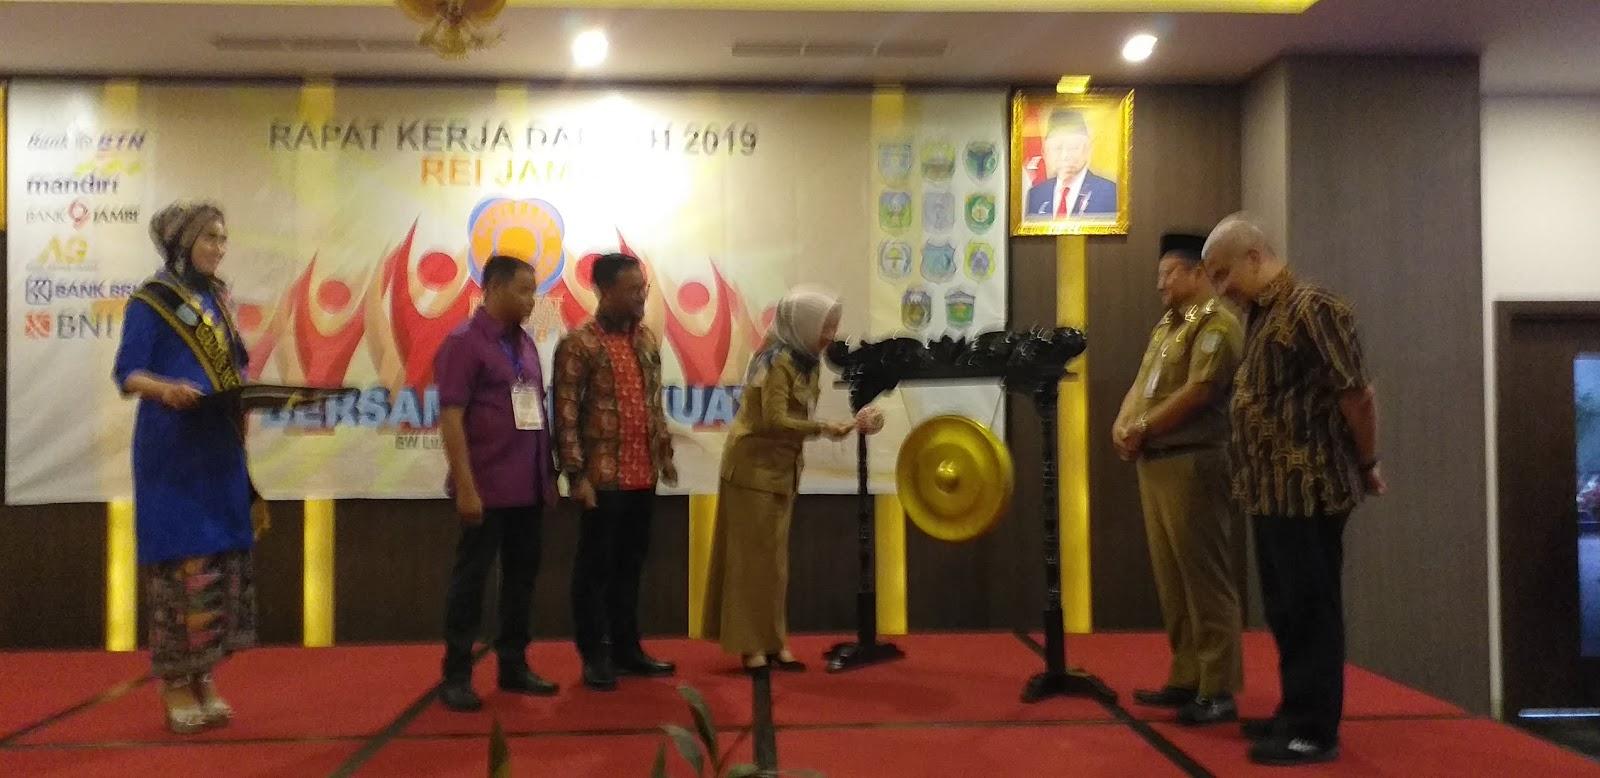 Staf Ahli Gubernur Jambi Membuka Secara Resmi Membuka Rapat Kerja Daerah REI Jambi KE-IV.